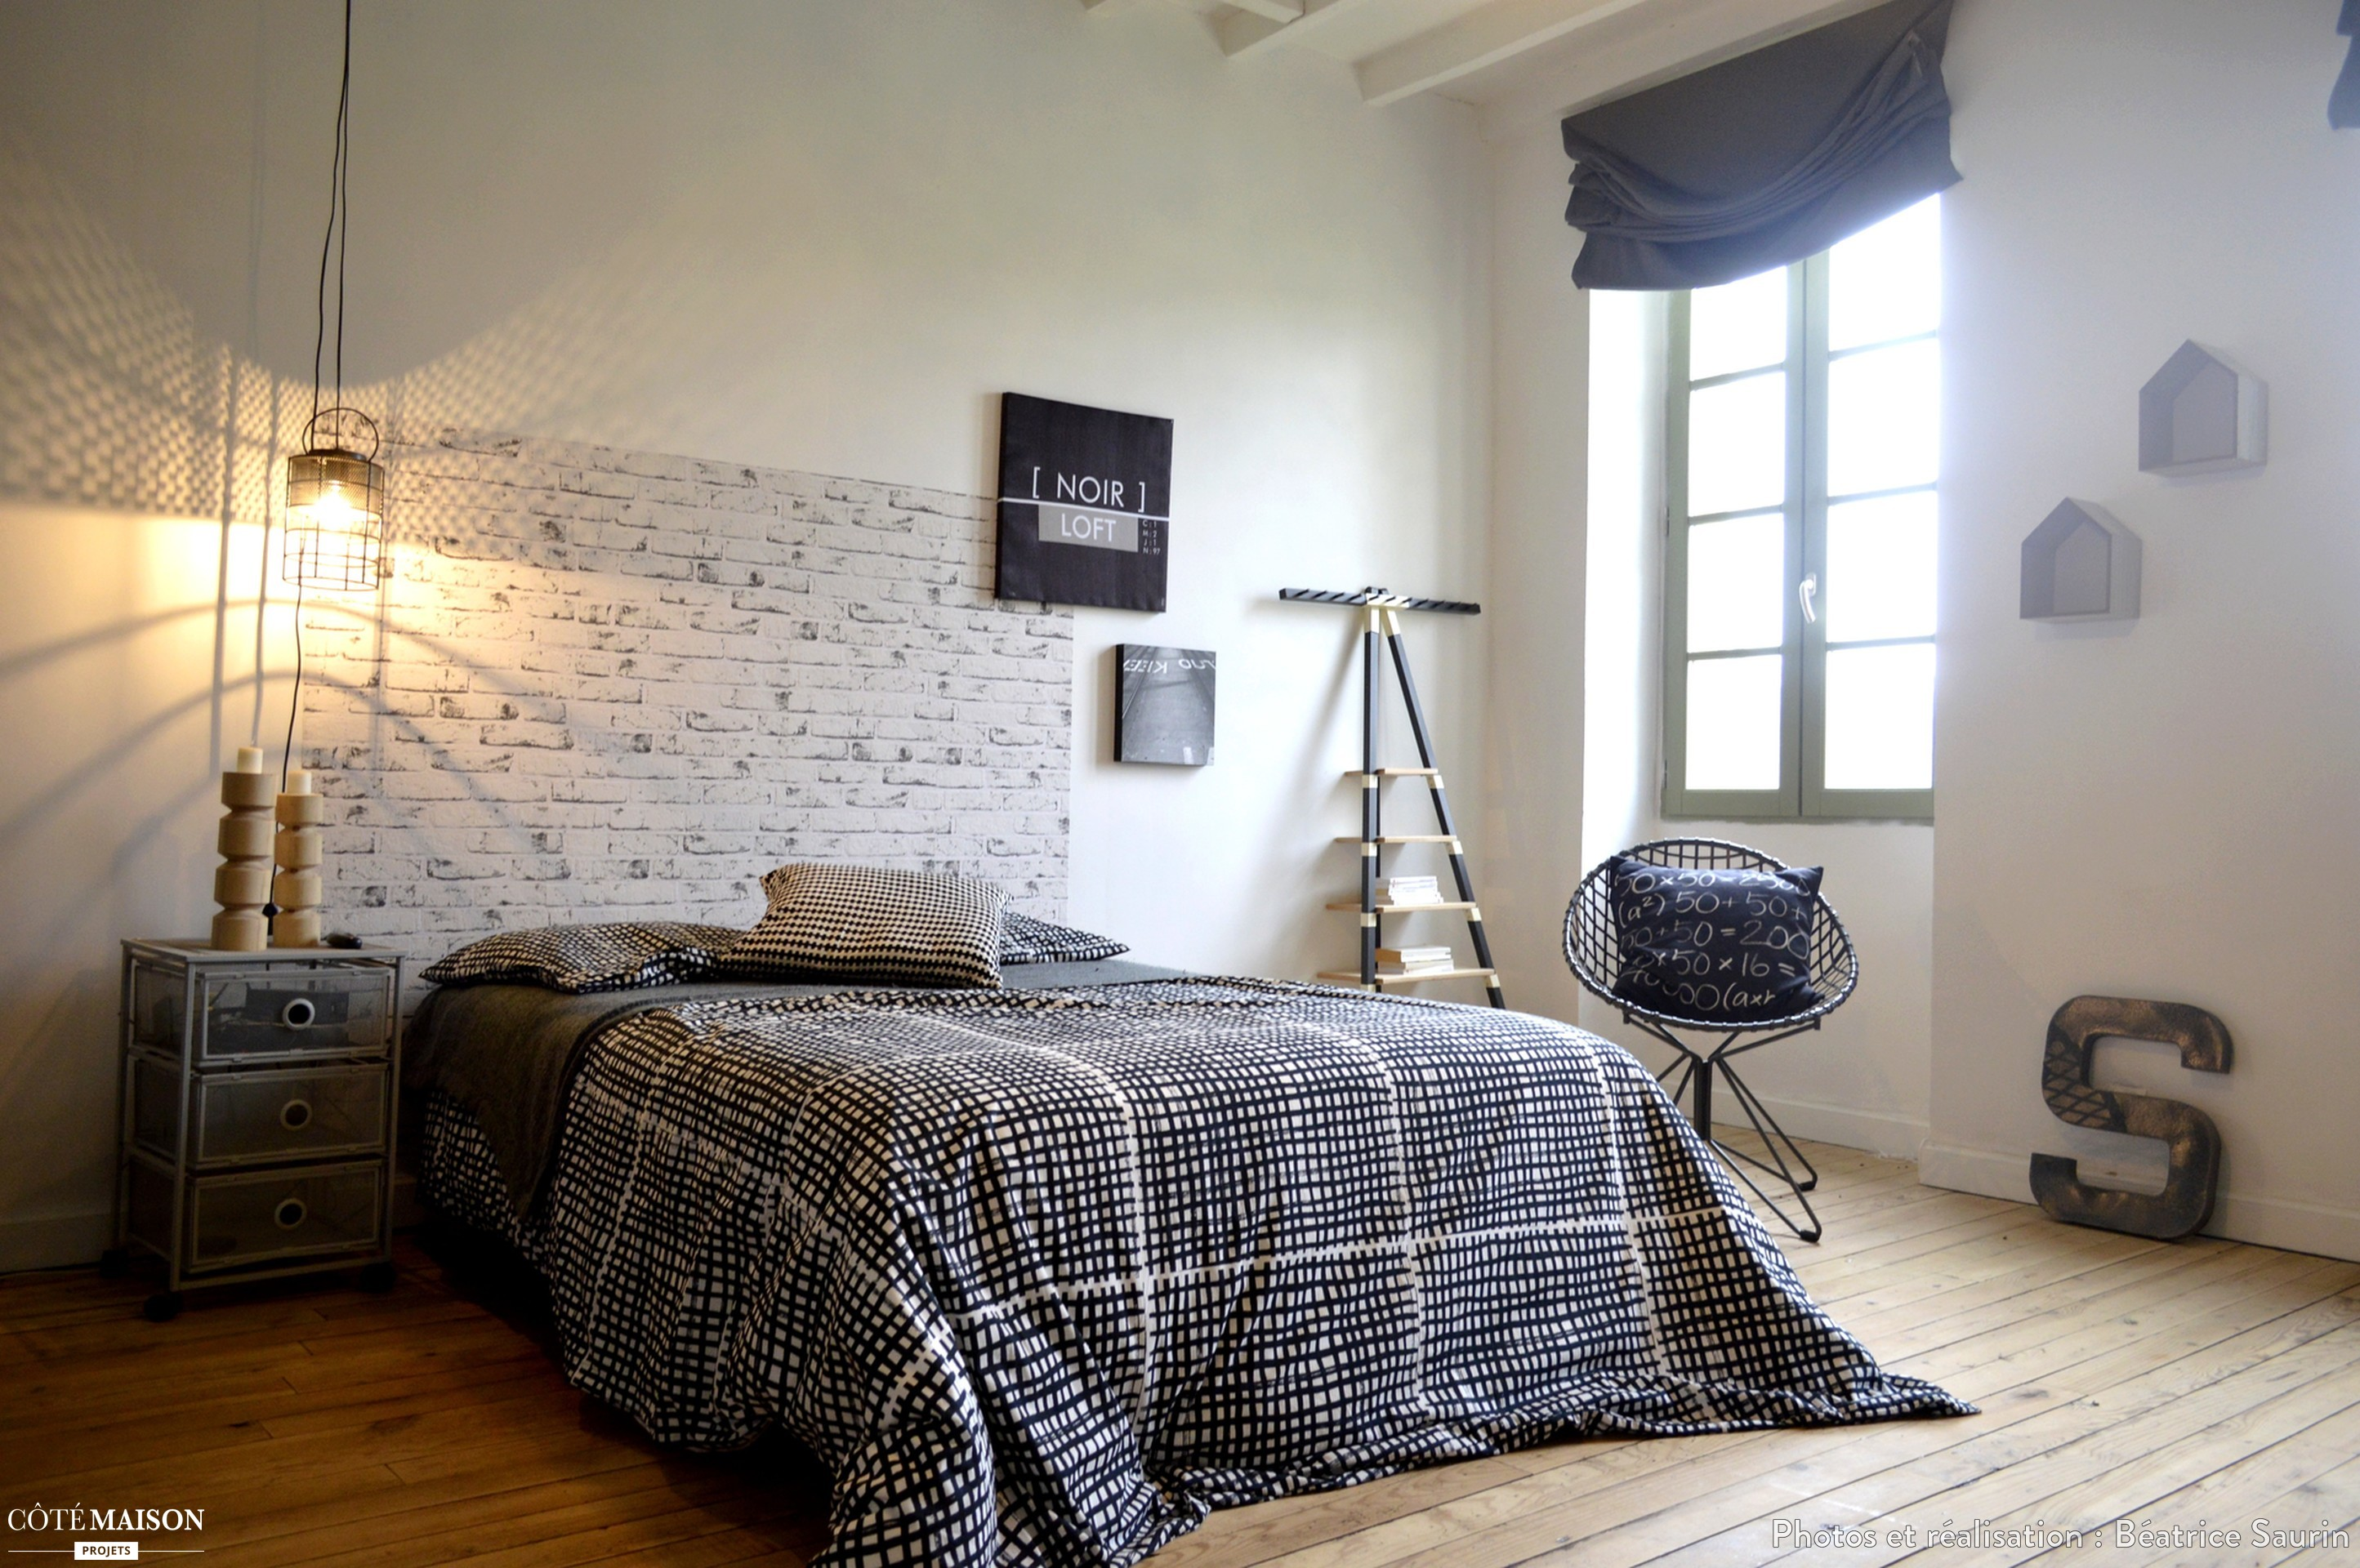 Rnovation et dcoration dune chambre dadolescent Batrice Saurin  Ct Maison